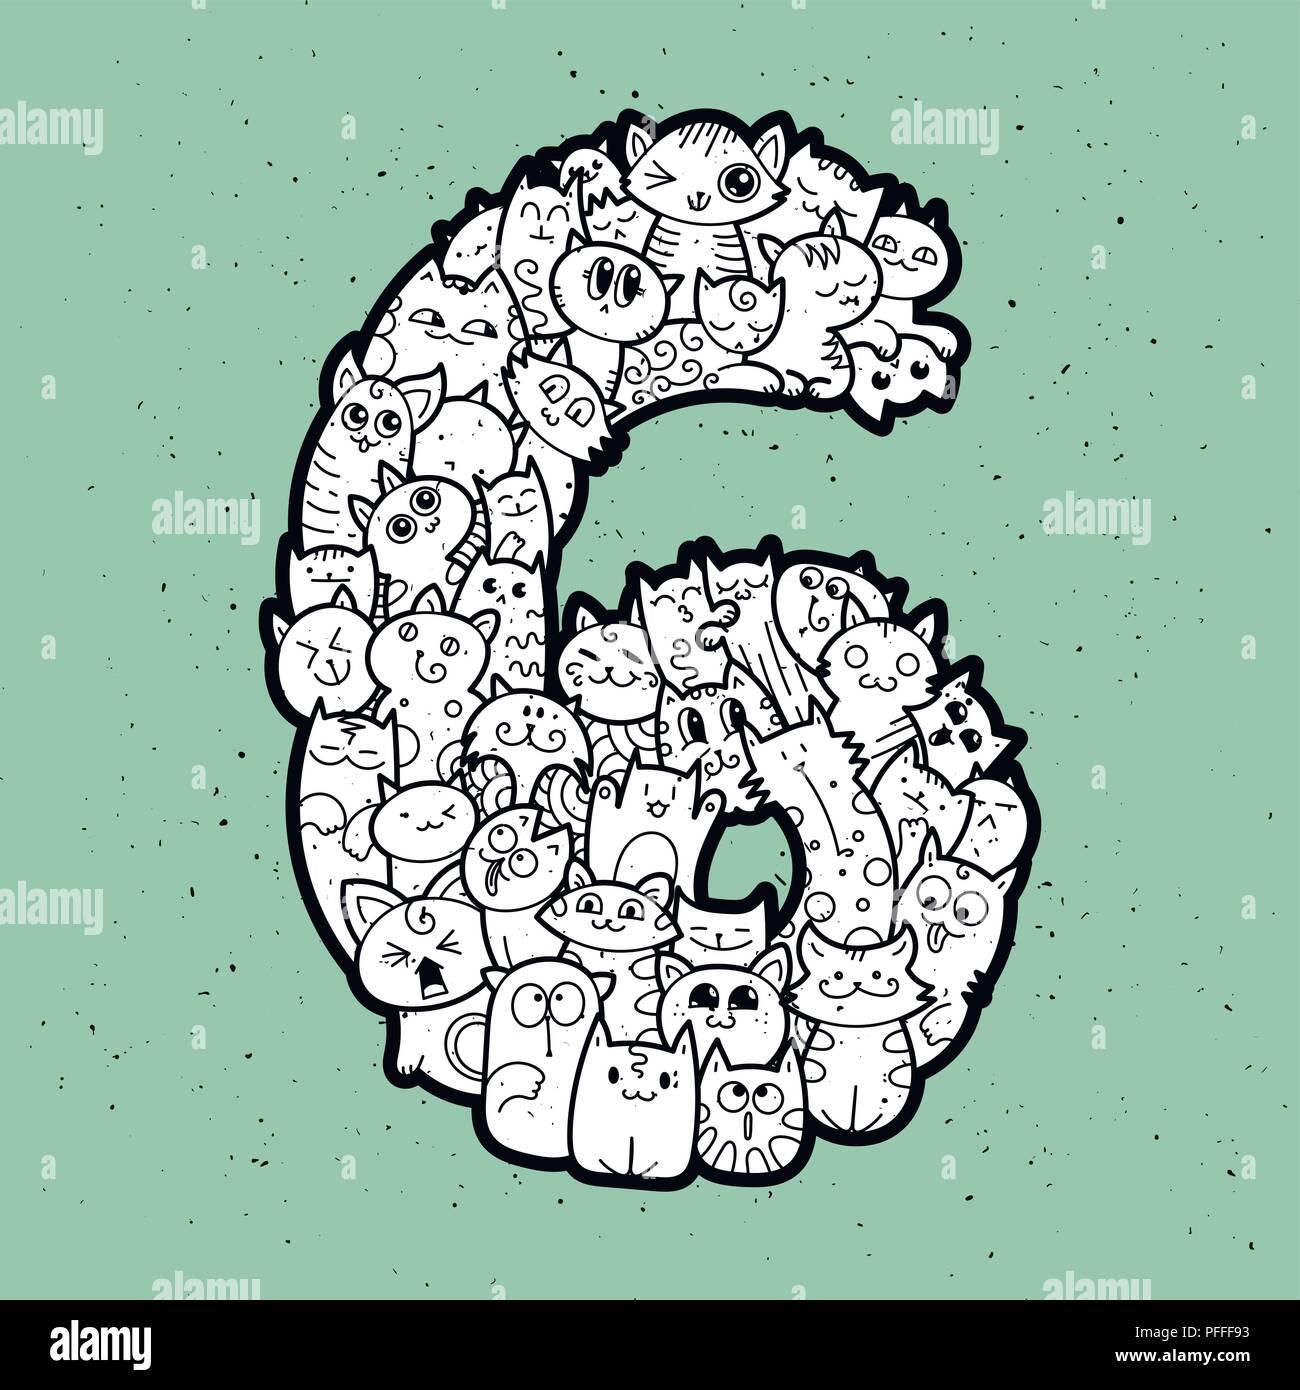 Letter Monster Cartoon Illustration Stock Photos & Letter Monster ...